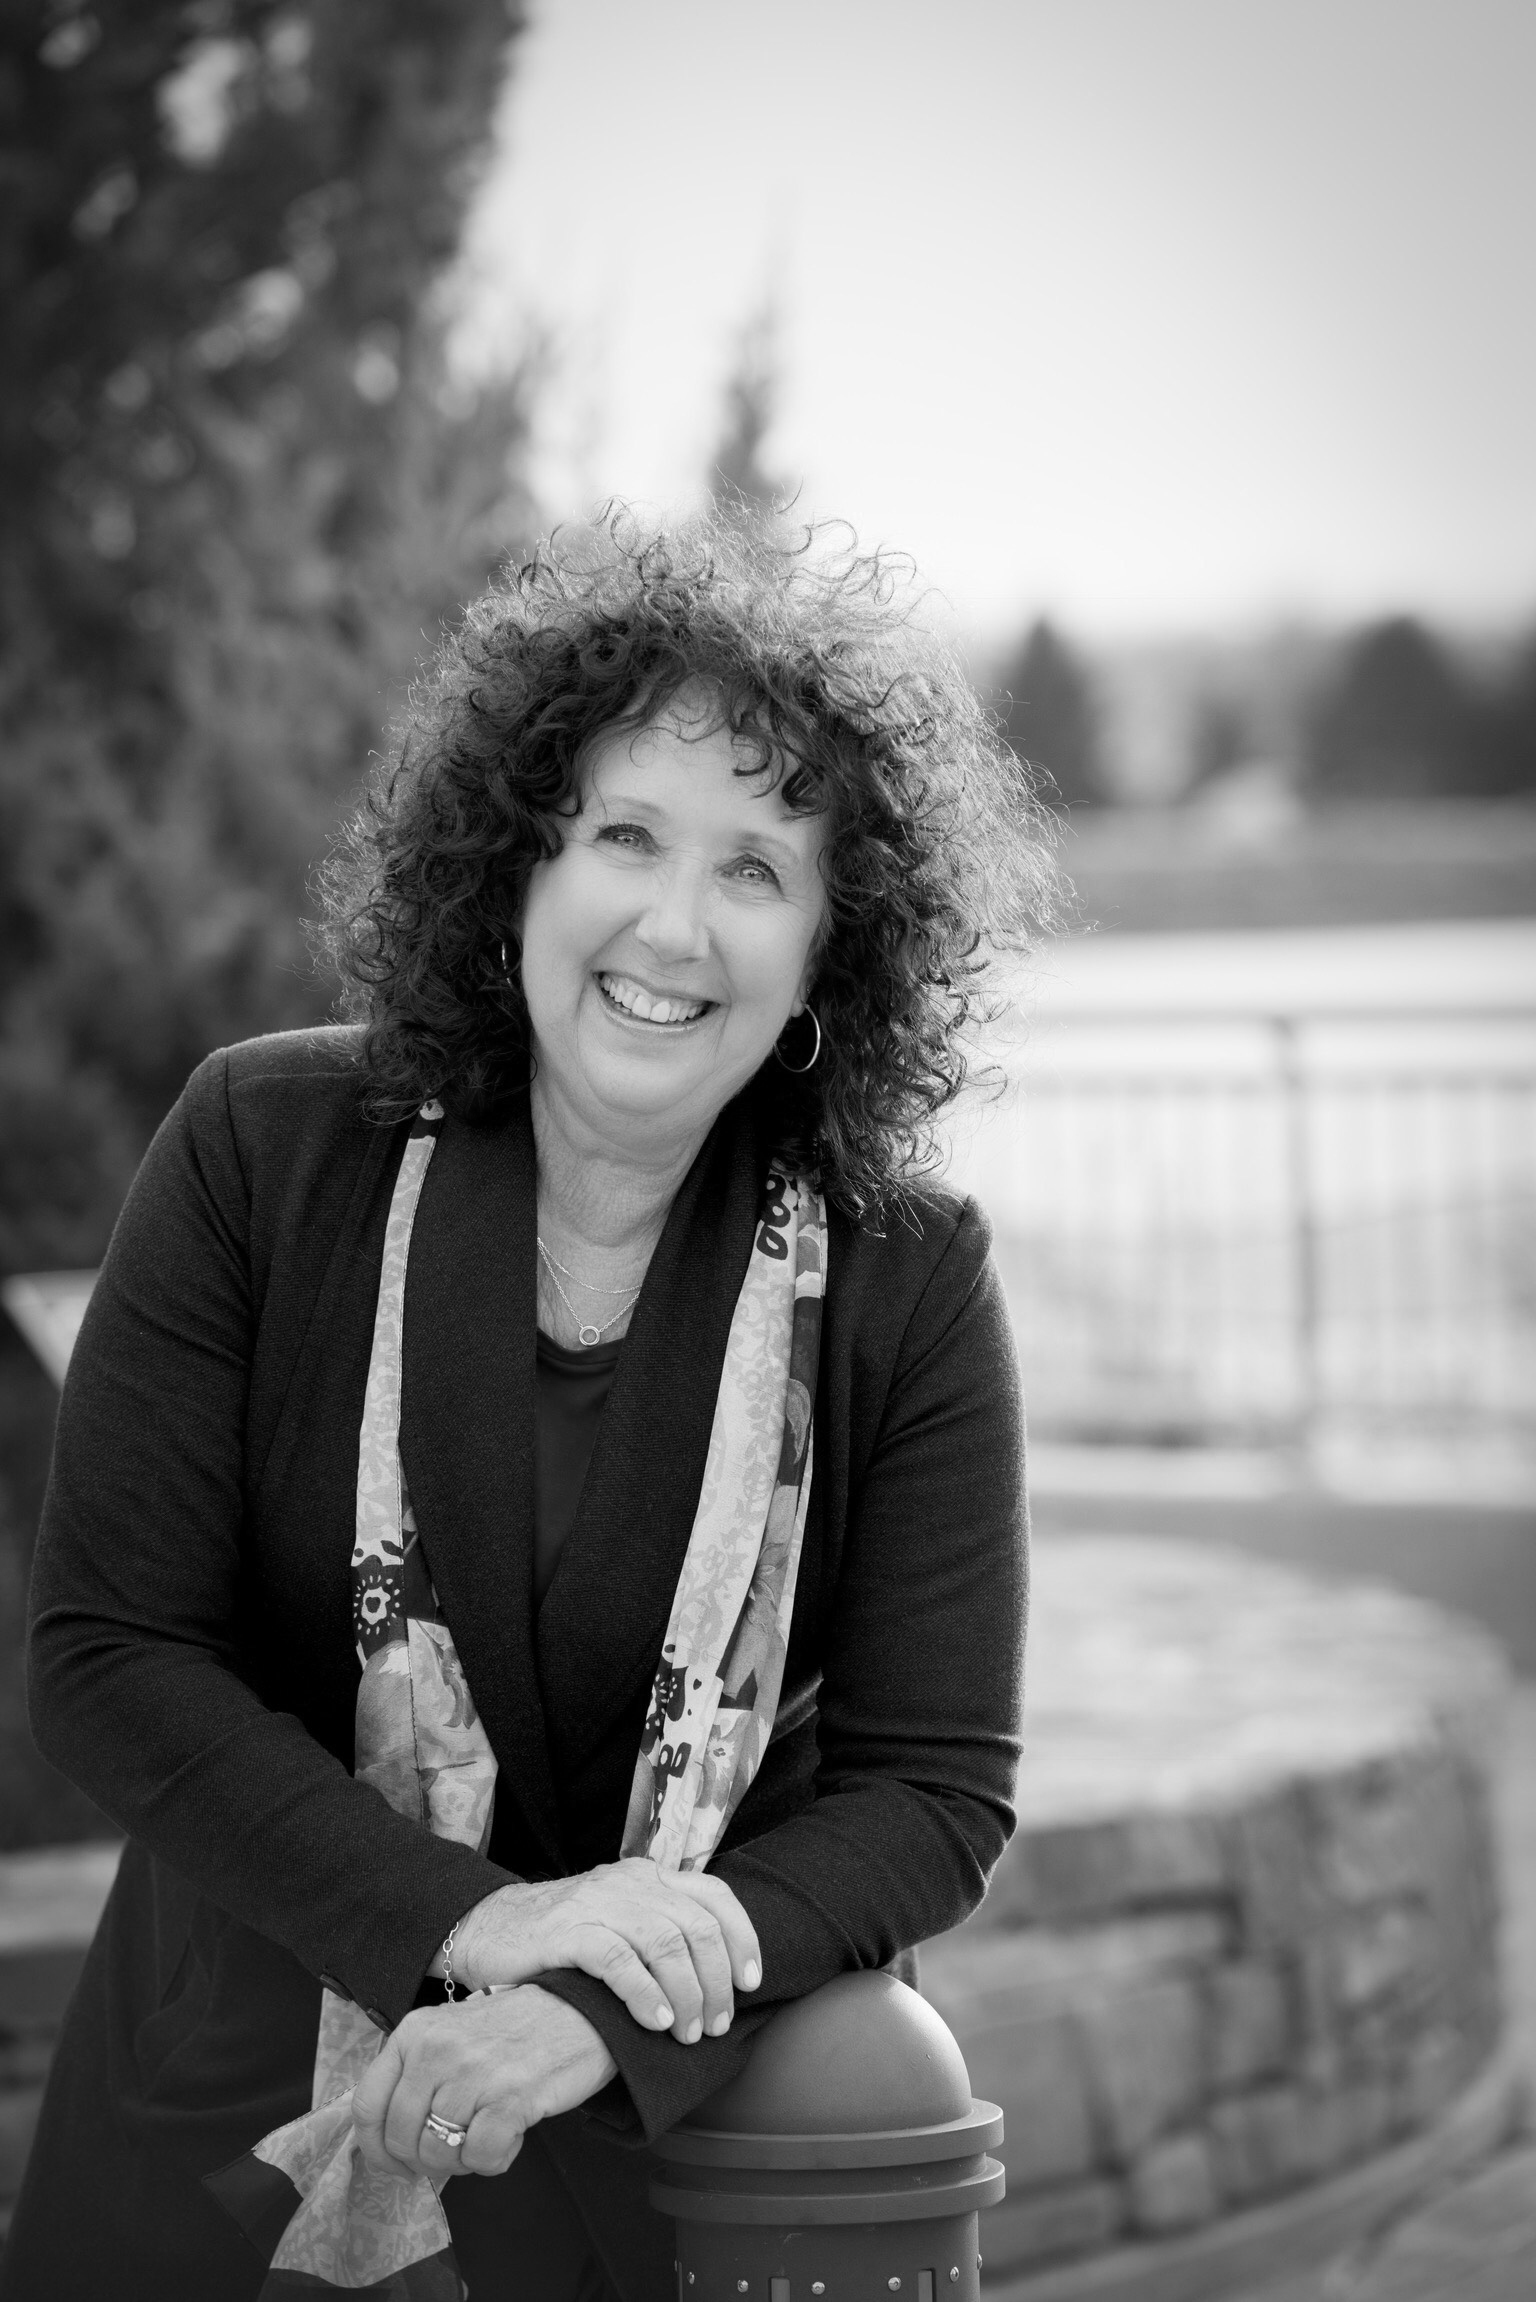 Cheryl Baumgartner